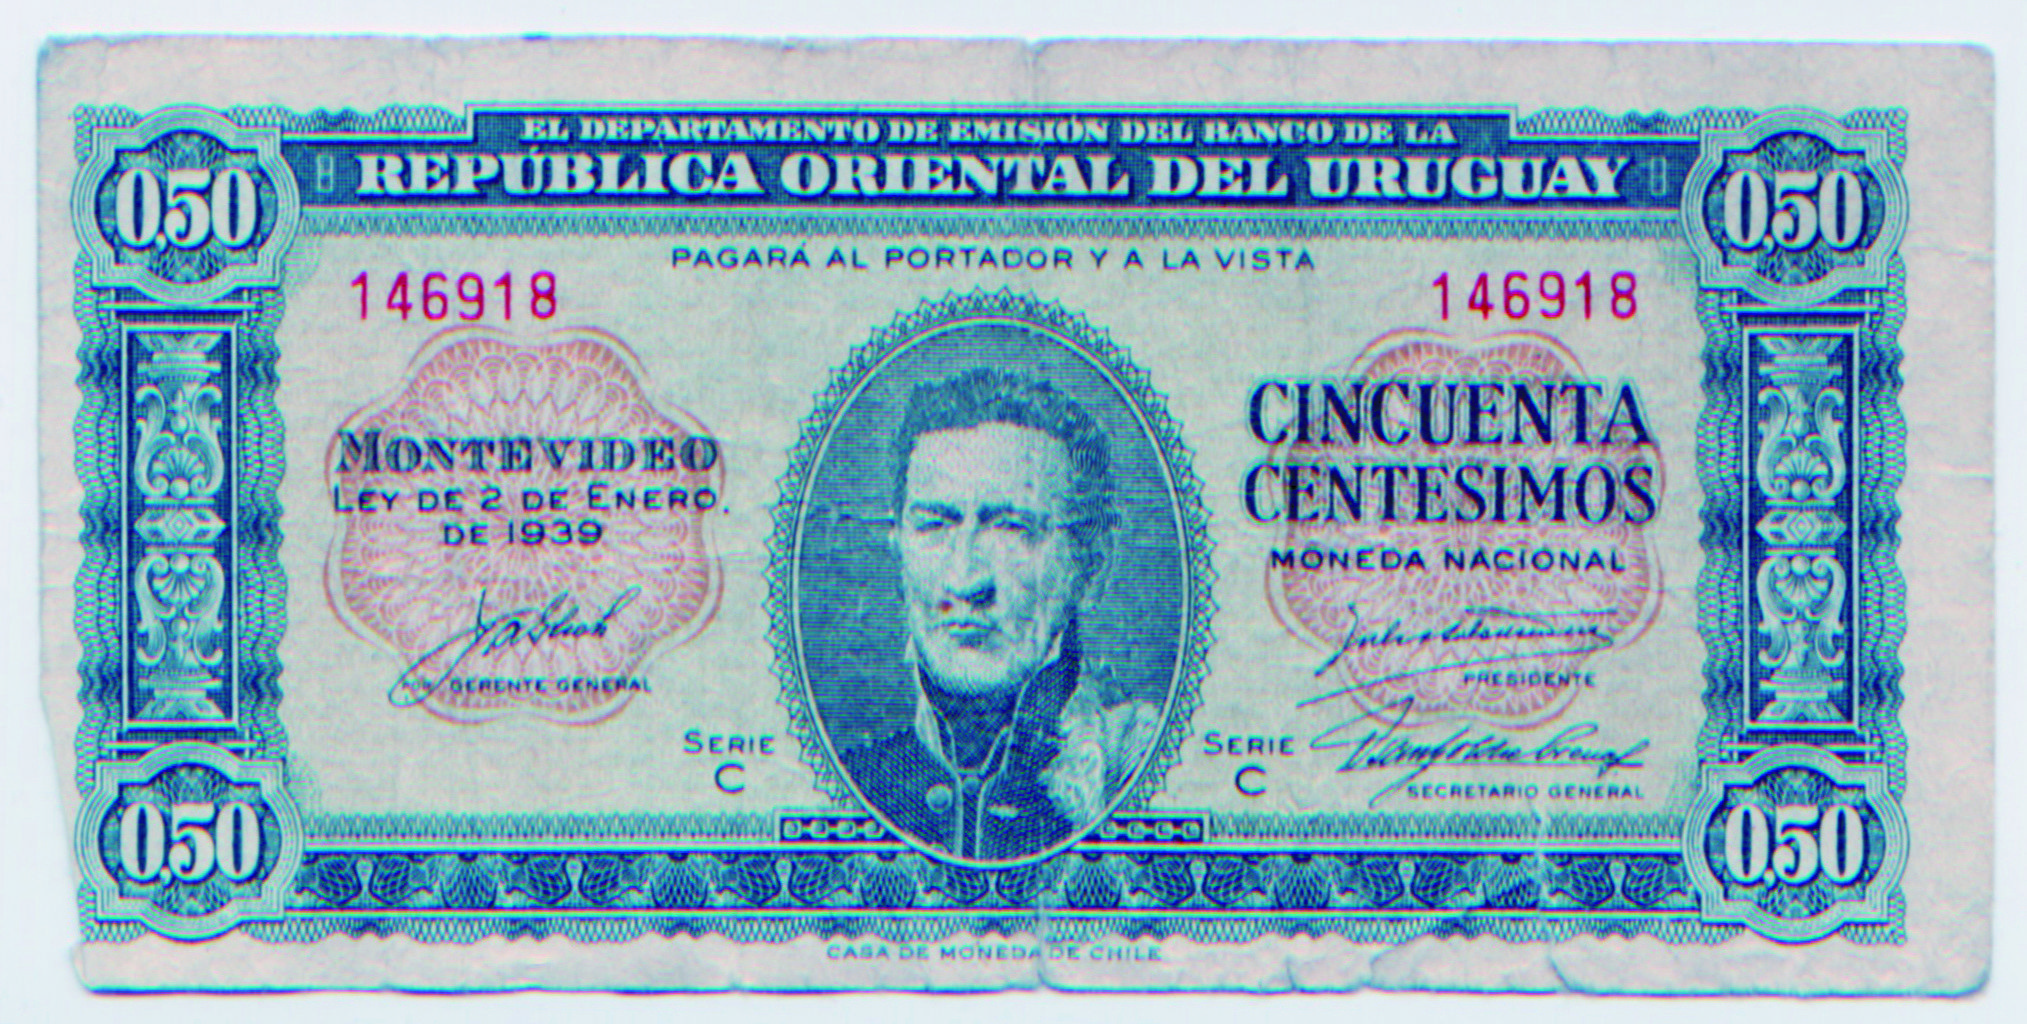 50 Centesimos Uruguay Moedas Selos Dinheiro